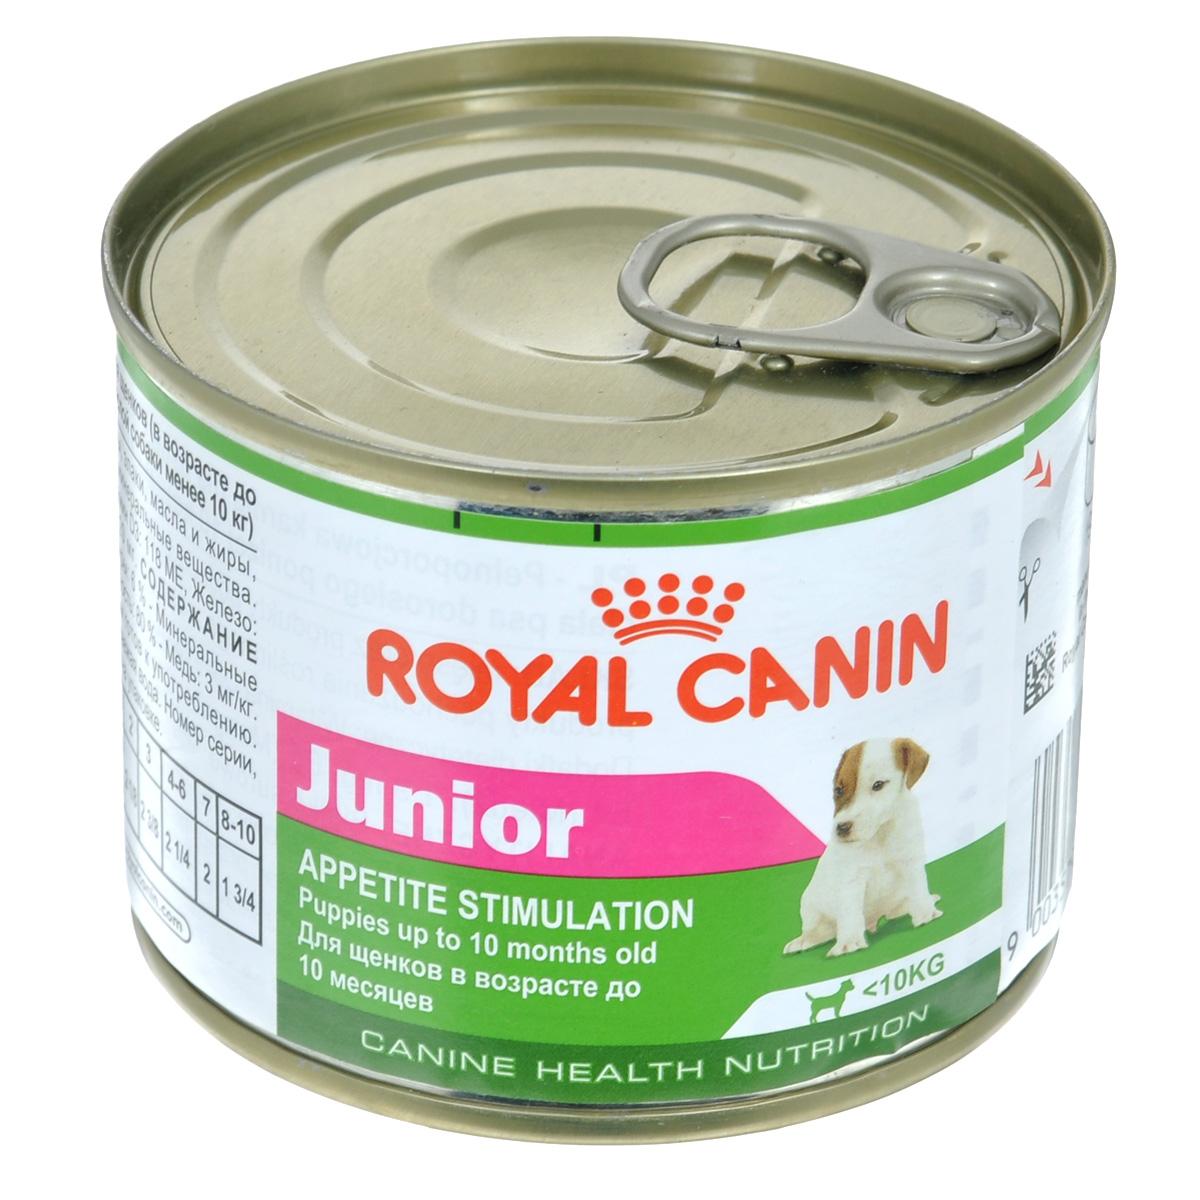 Консервы Royal Canin Junior, для щенков мелких пород, 195 г777002Консервы Royal Canin Junior - полнорационный корм для щенков в возрасте до 10 месяцев, который обладает высокой вкусовой привлекательностью и способен удовлетворить потребности щенка в питании в период роста. Состав: мясо и мясные субпродукты, злаки, масла и жиры, субпродукты растительного происхождения, минеральные вещества. Добавки (в 1 кг): питательные добавки: Витамин D3: 118 ME, Железо: 6,5 мг, Йод: 0,2 мг, Марганец: 2 мг, Цинк: 20 мг. Товар сертифицирован.